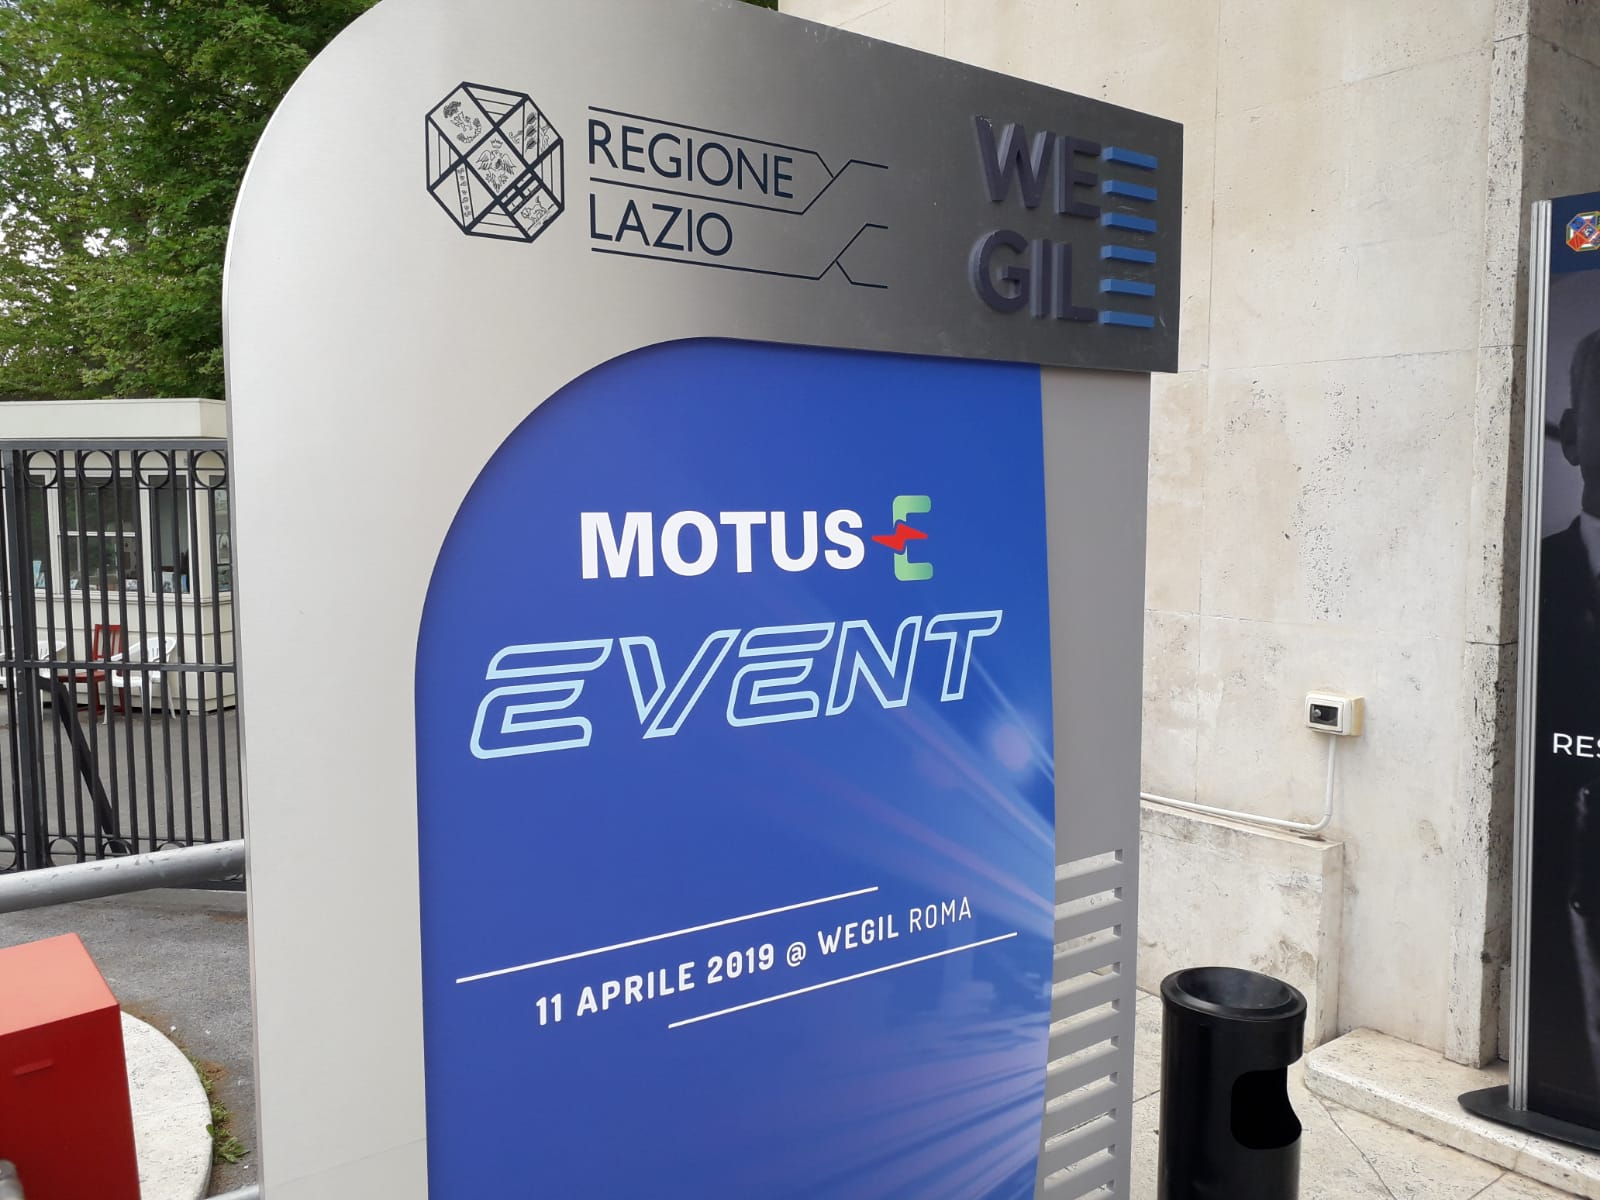 Motus-e Event 2019: l'incontro di tutta la filiera automotive per confrontarsi sulla mobilità elettrica